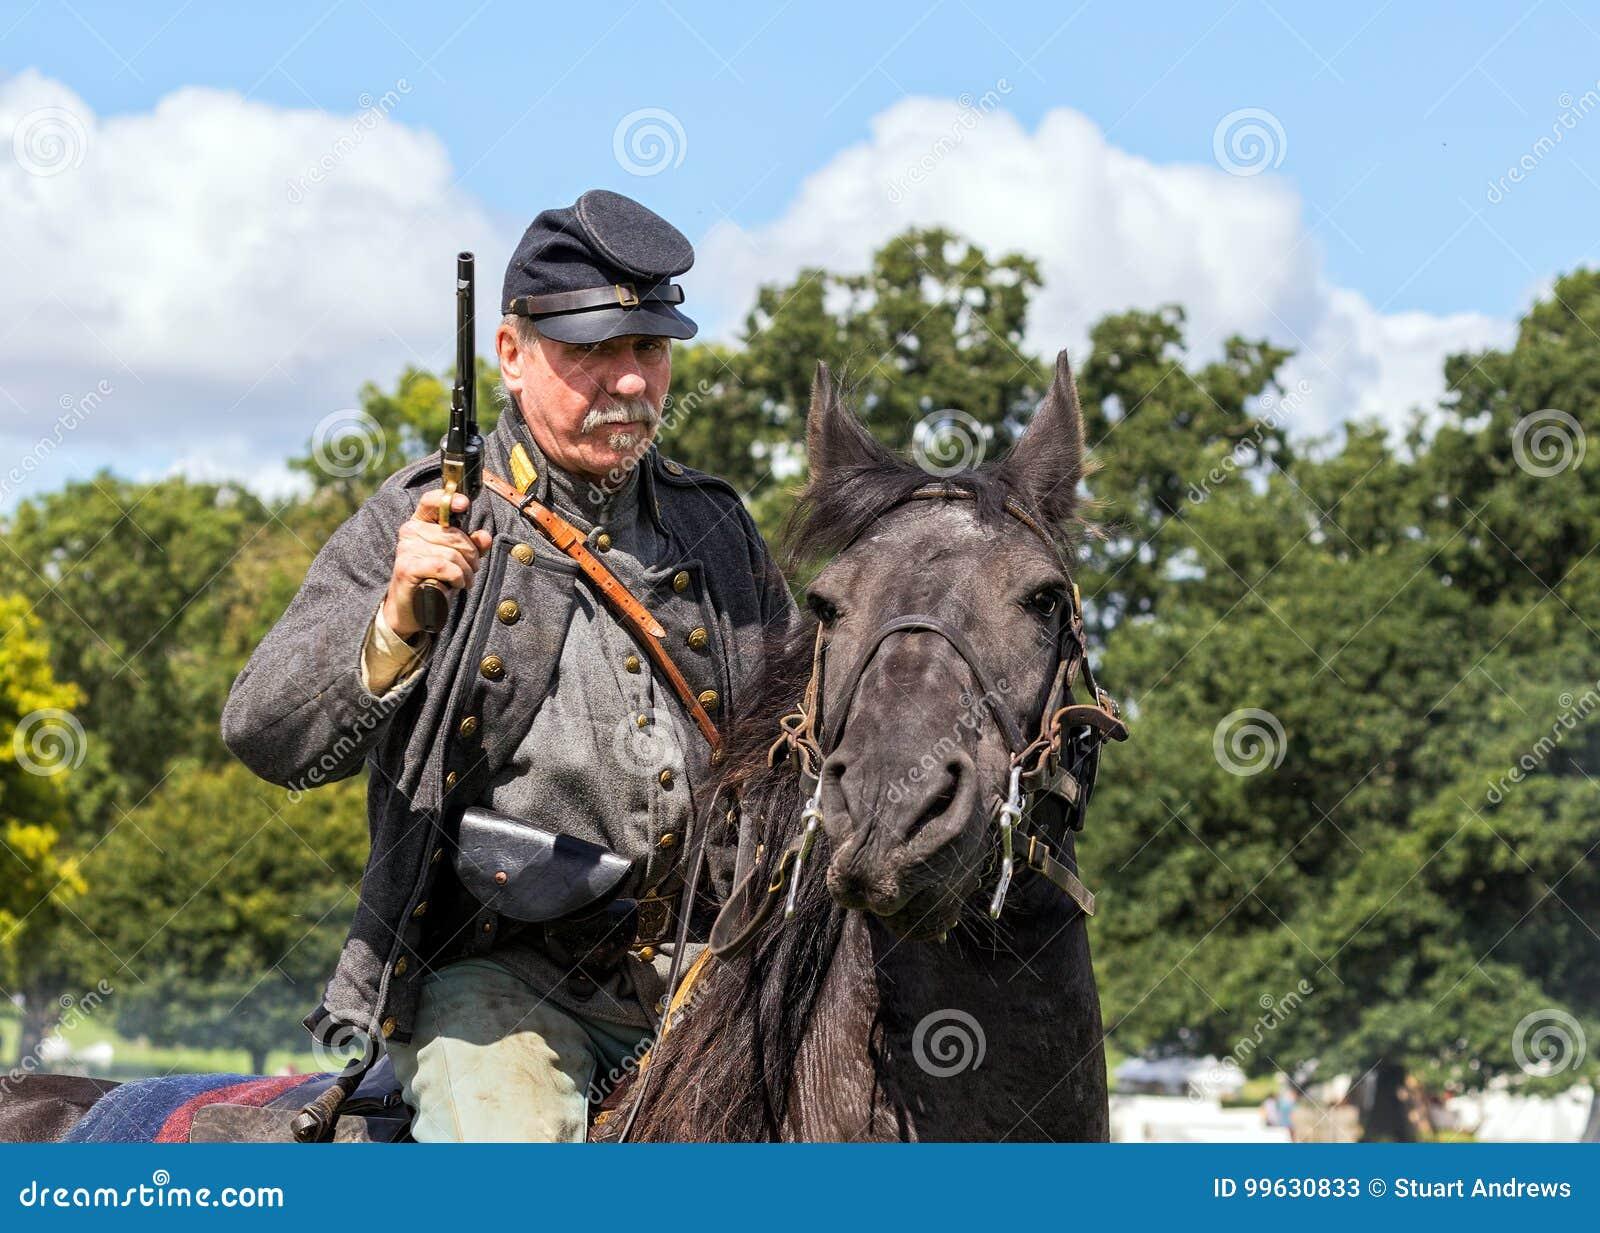 Cavaliere confederato della guerra civile americana